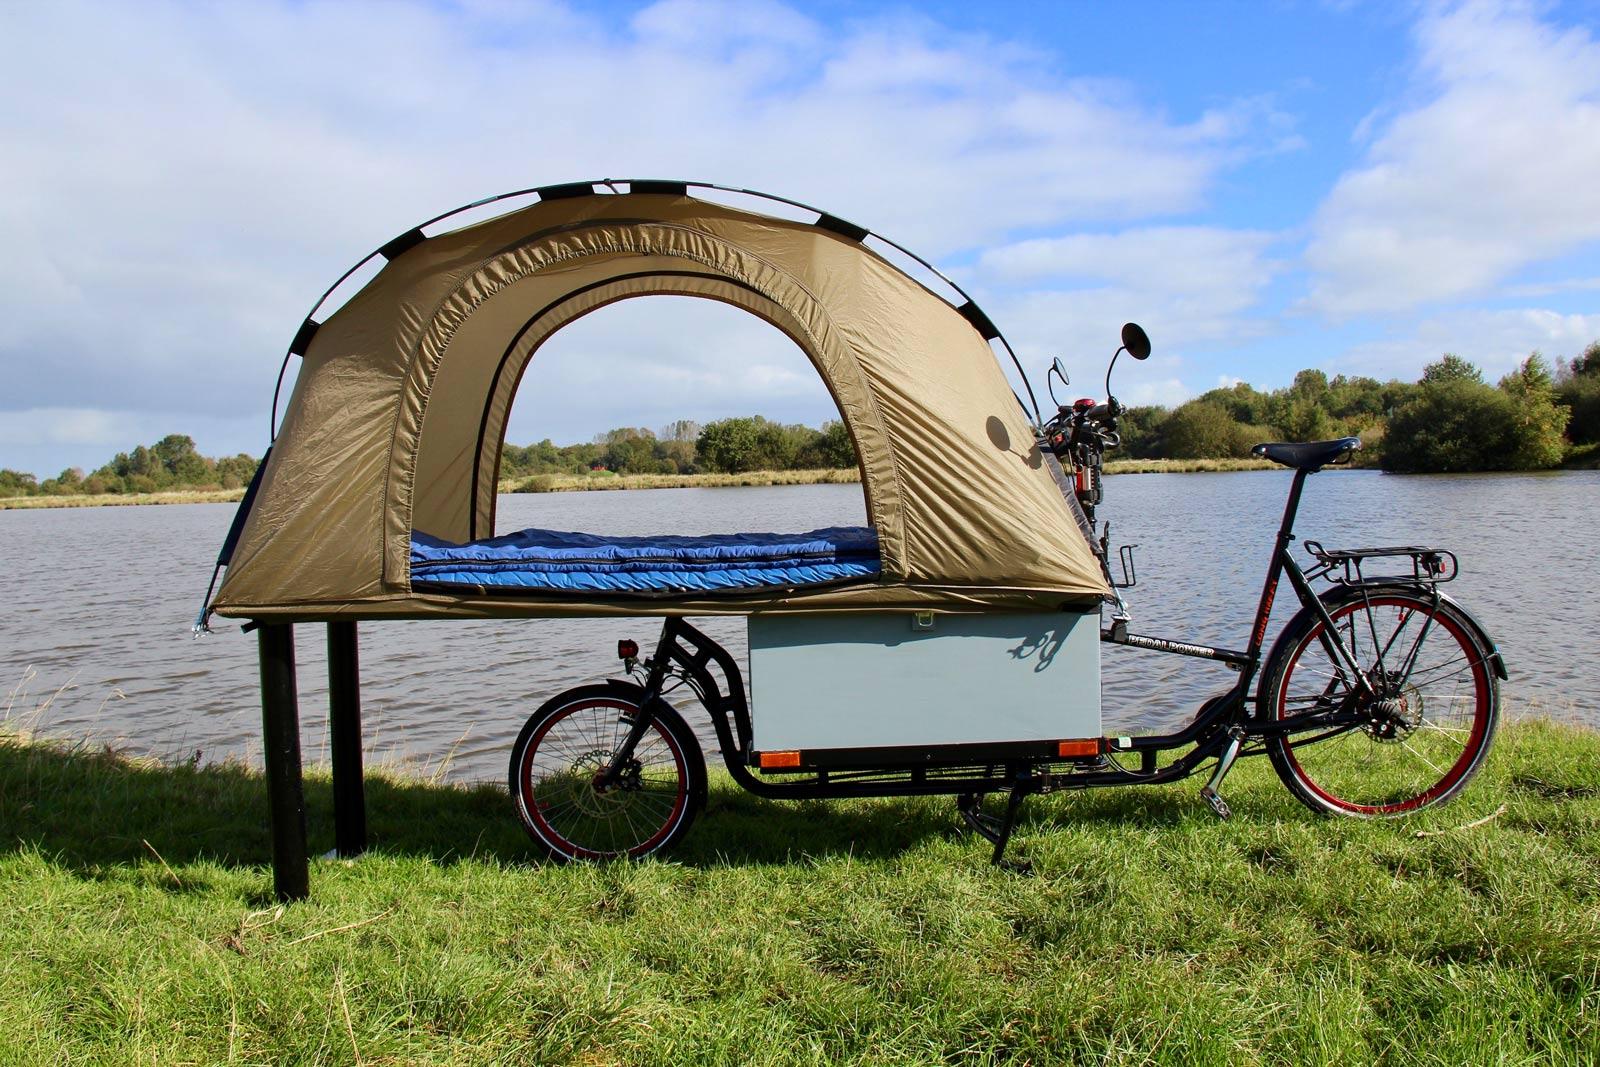 Ein aufgebautes Zelt auf einem Lastenrad im grünen, direkt vor einem Fluss.